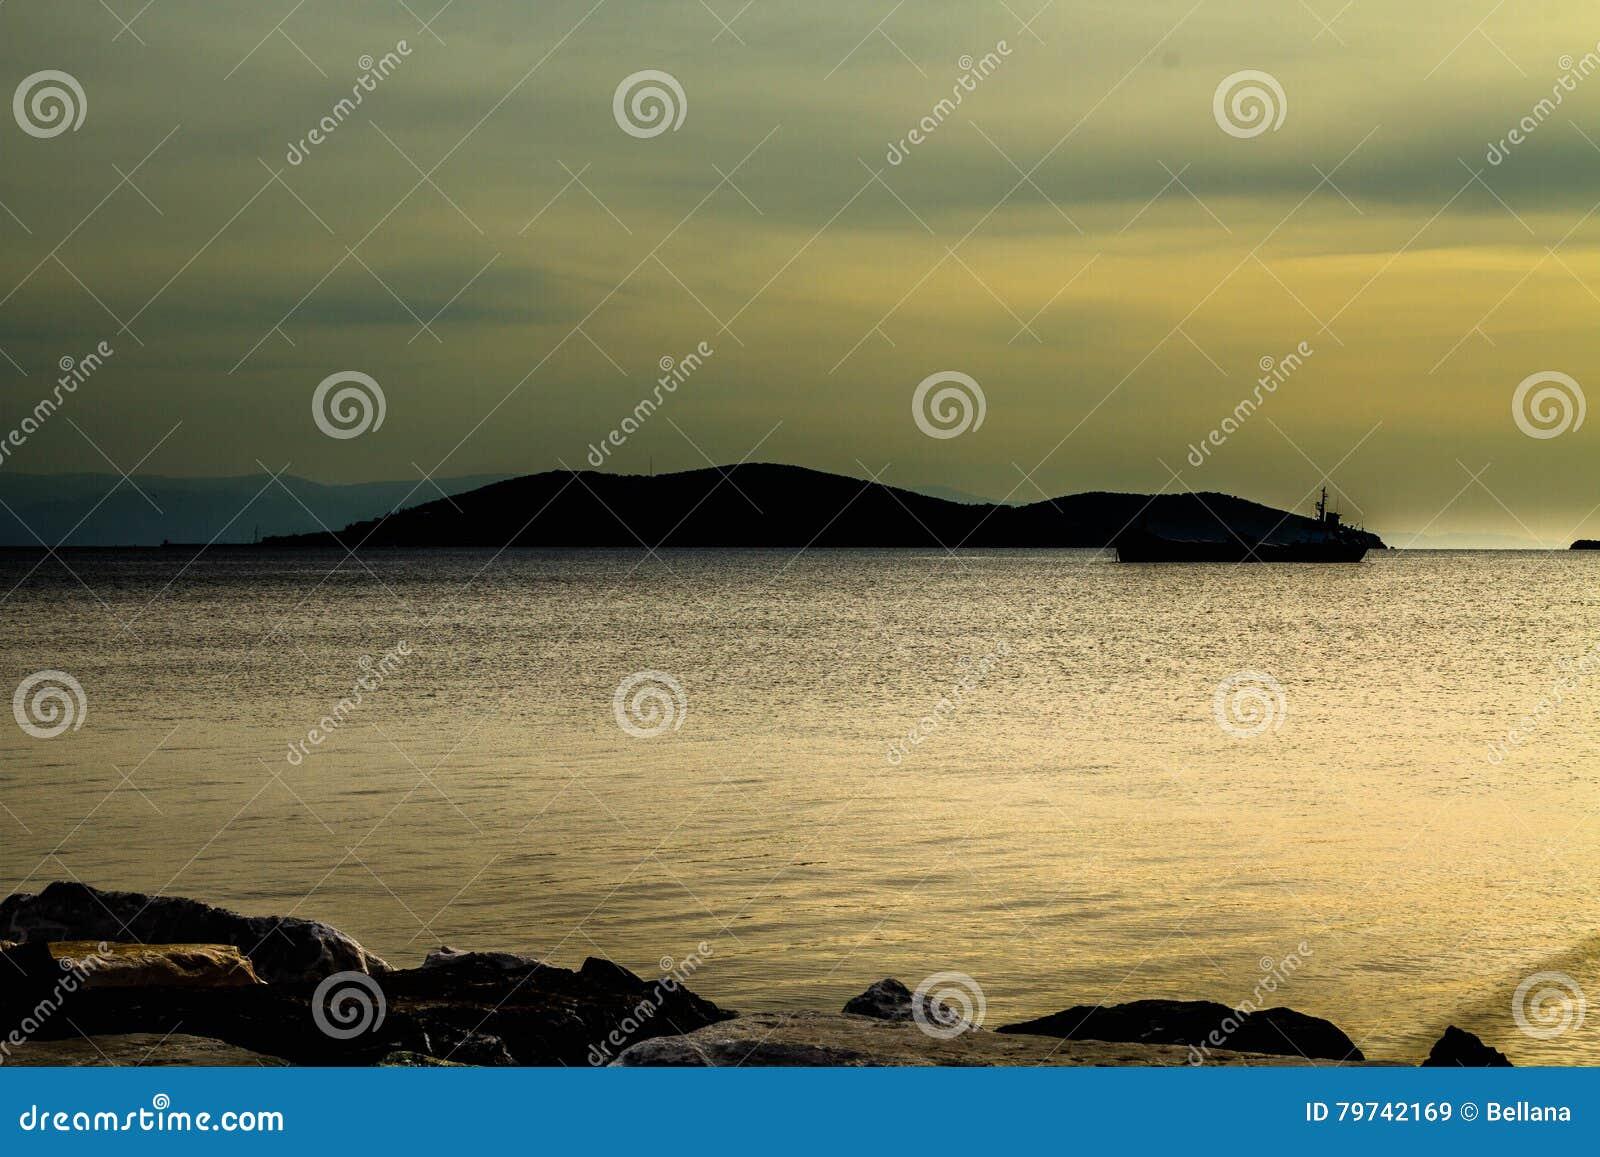 La silueta de la isla en el mar en la puesta del sol